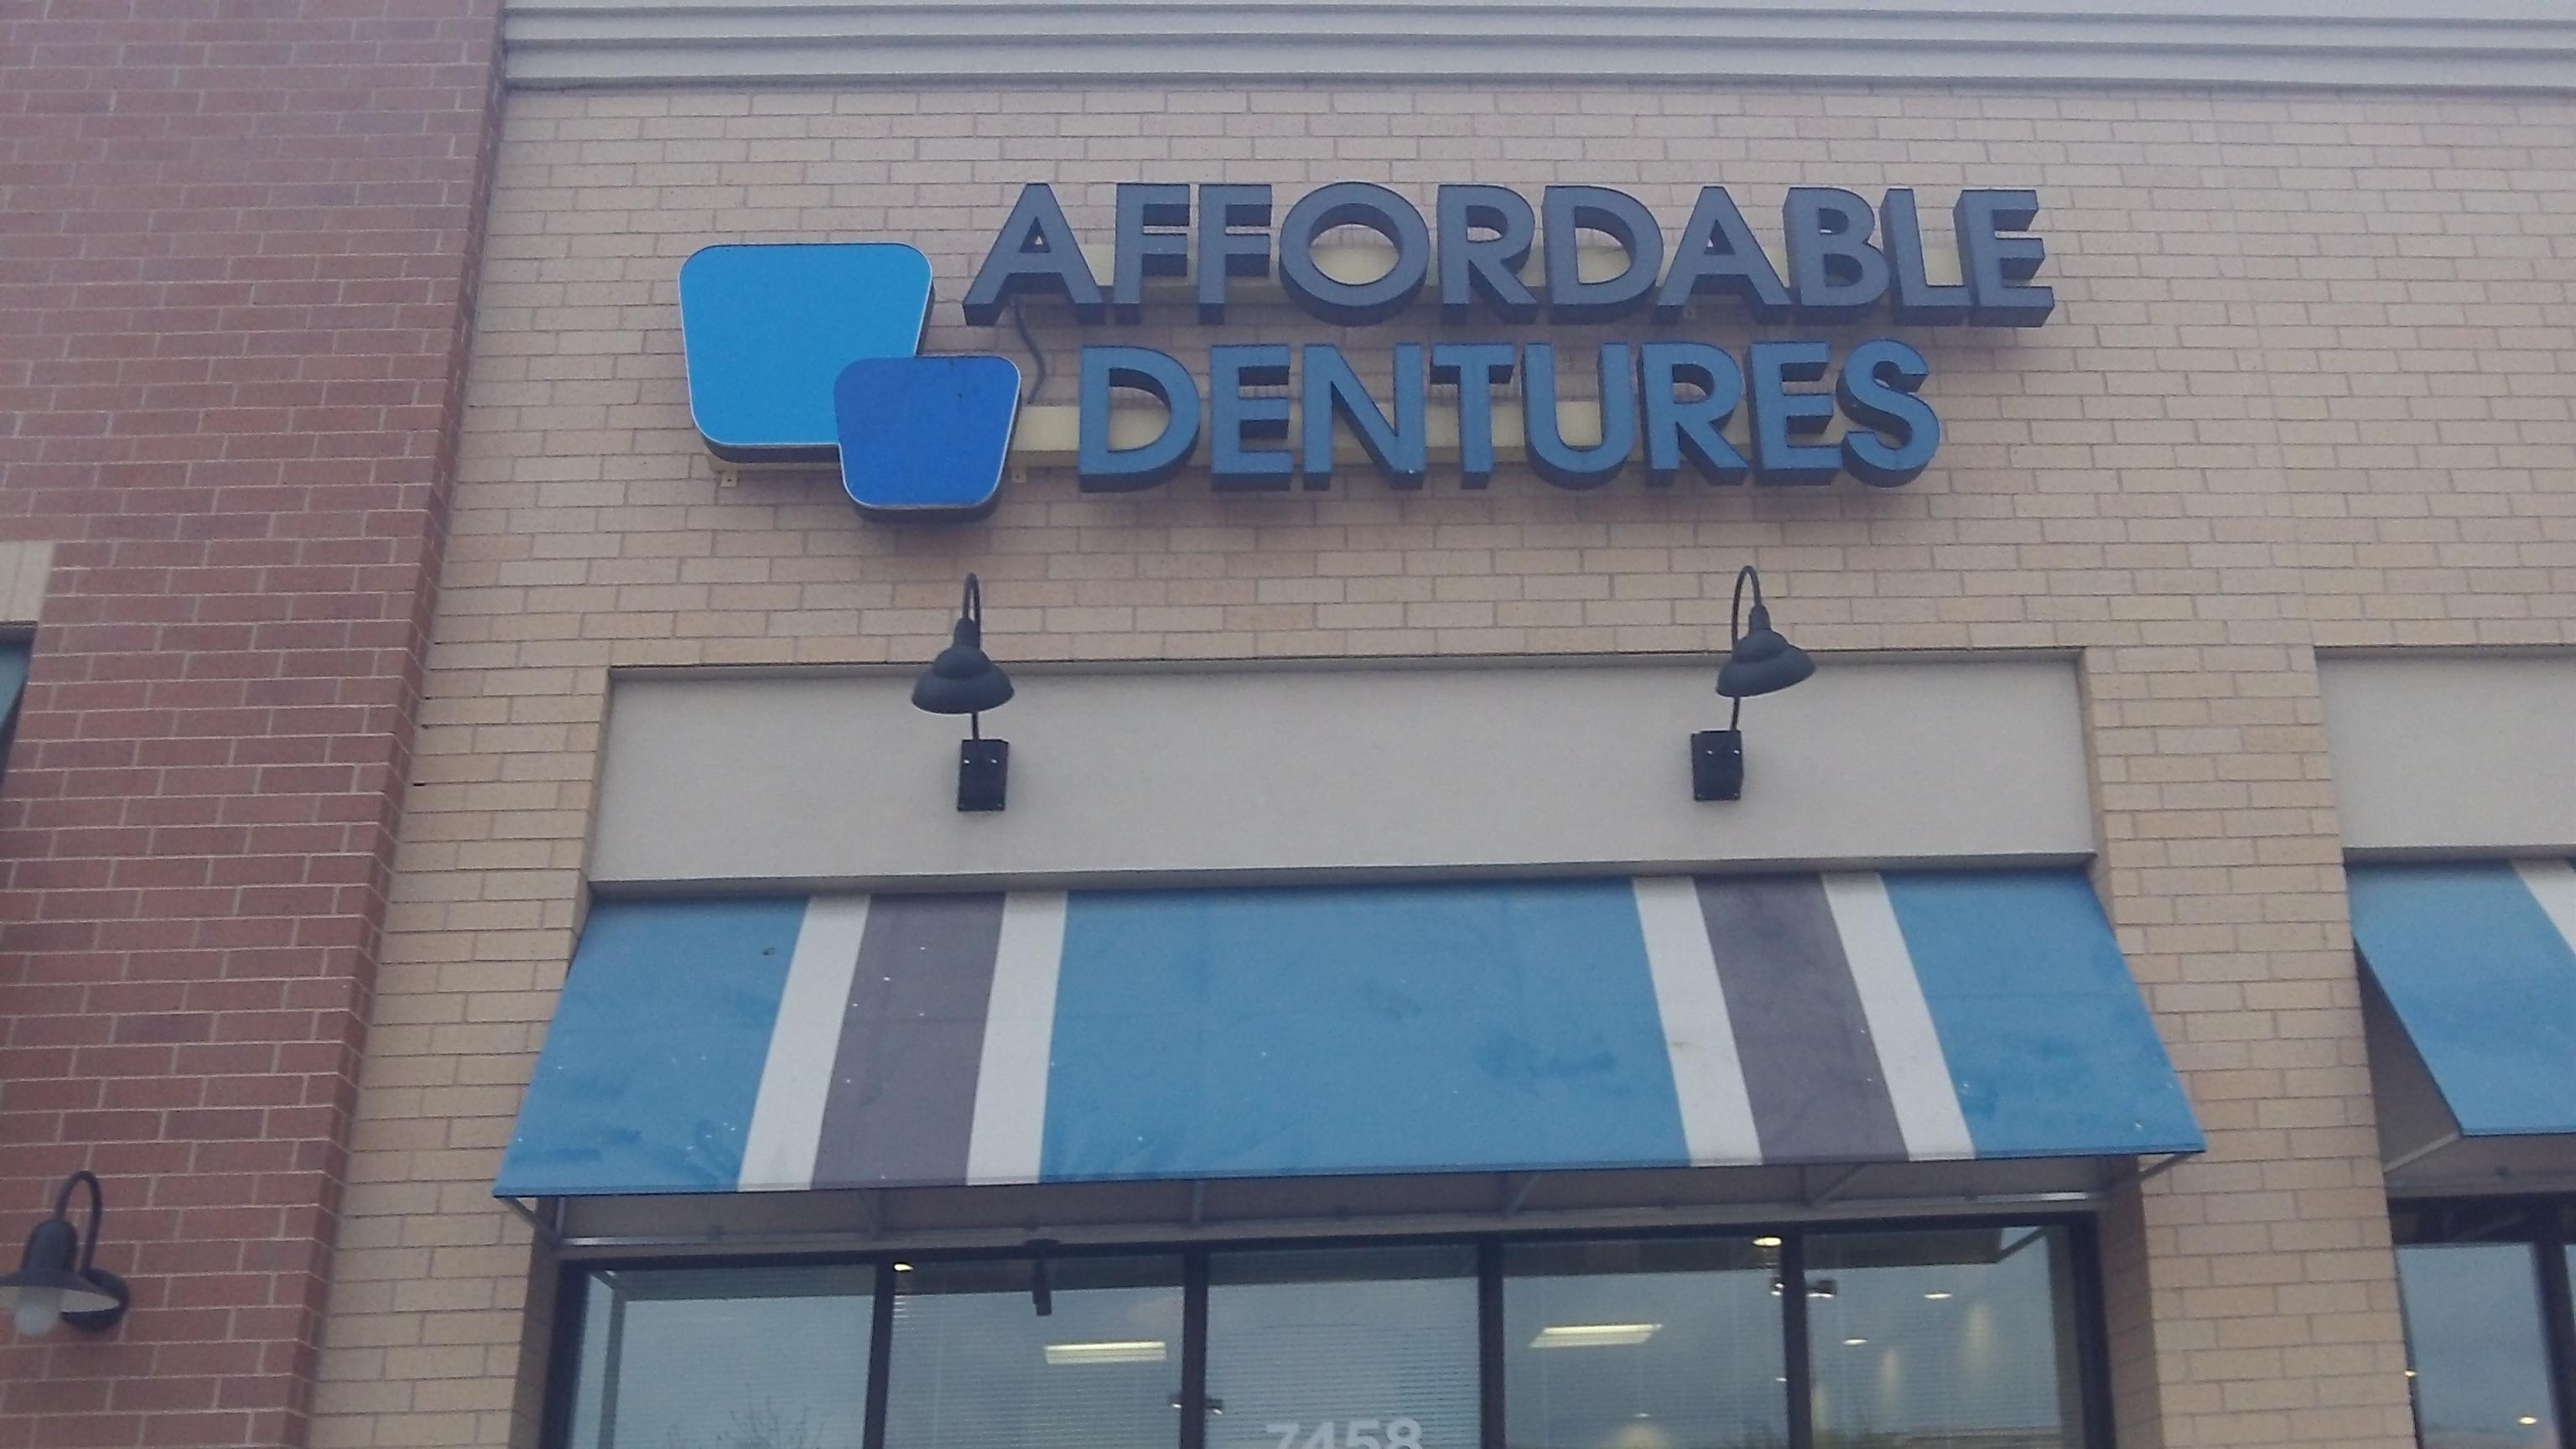 Affordable Dentures - Tulsa, OK 74132 - (918) 446-2700   ShowMeLocal.com